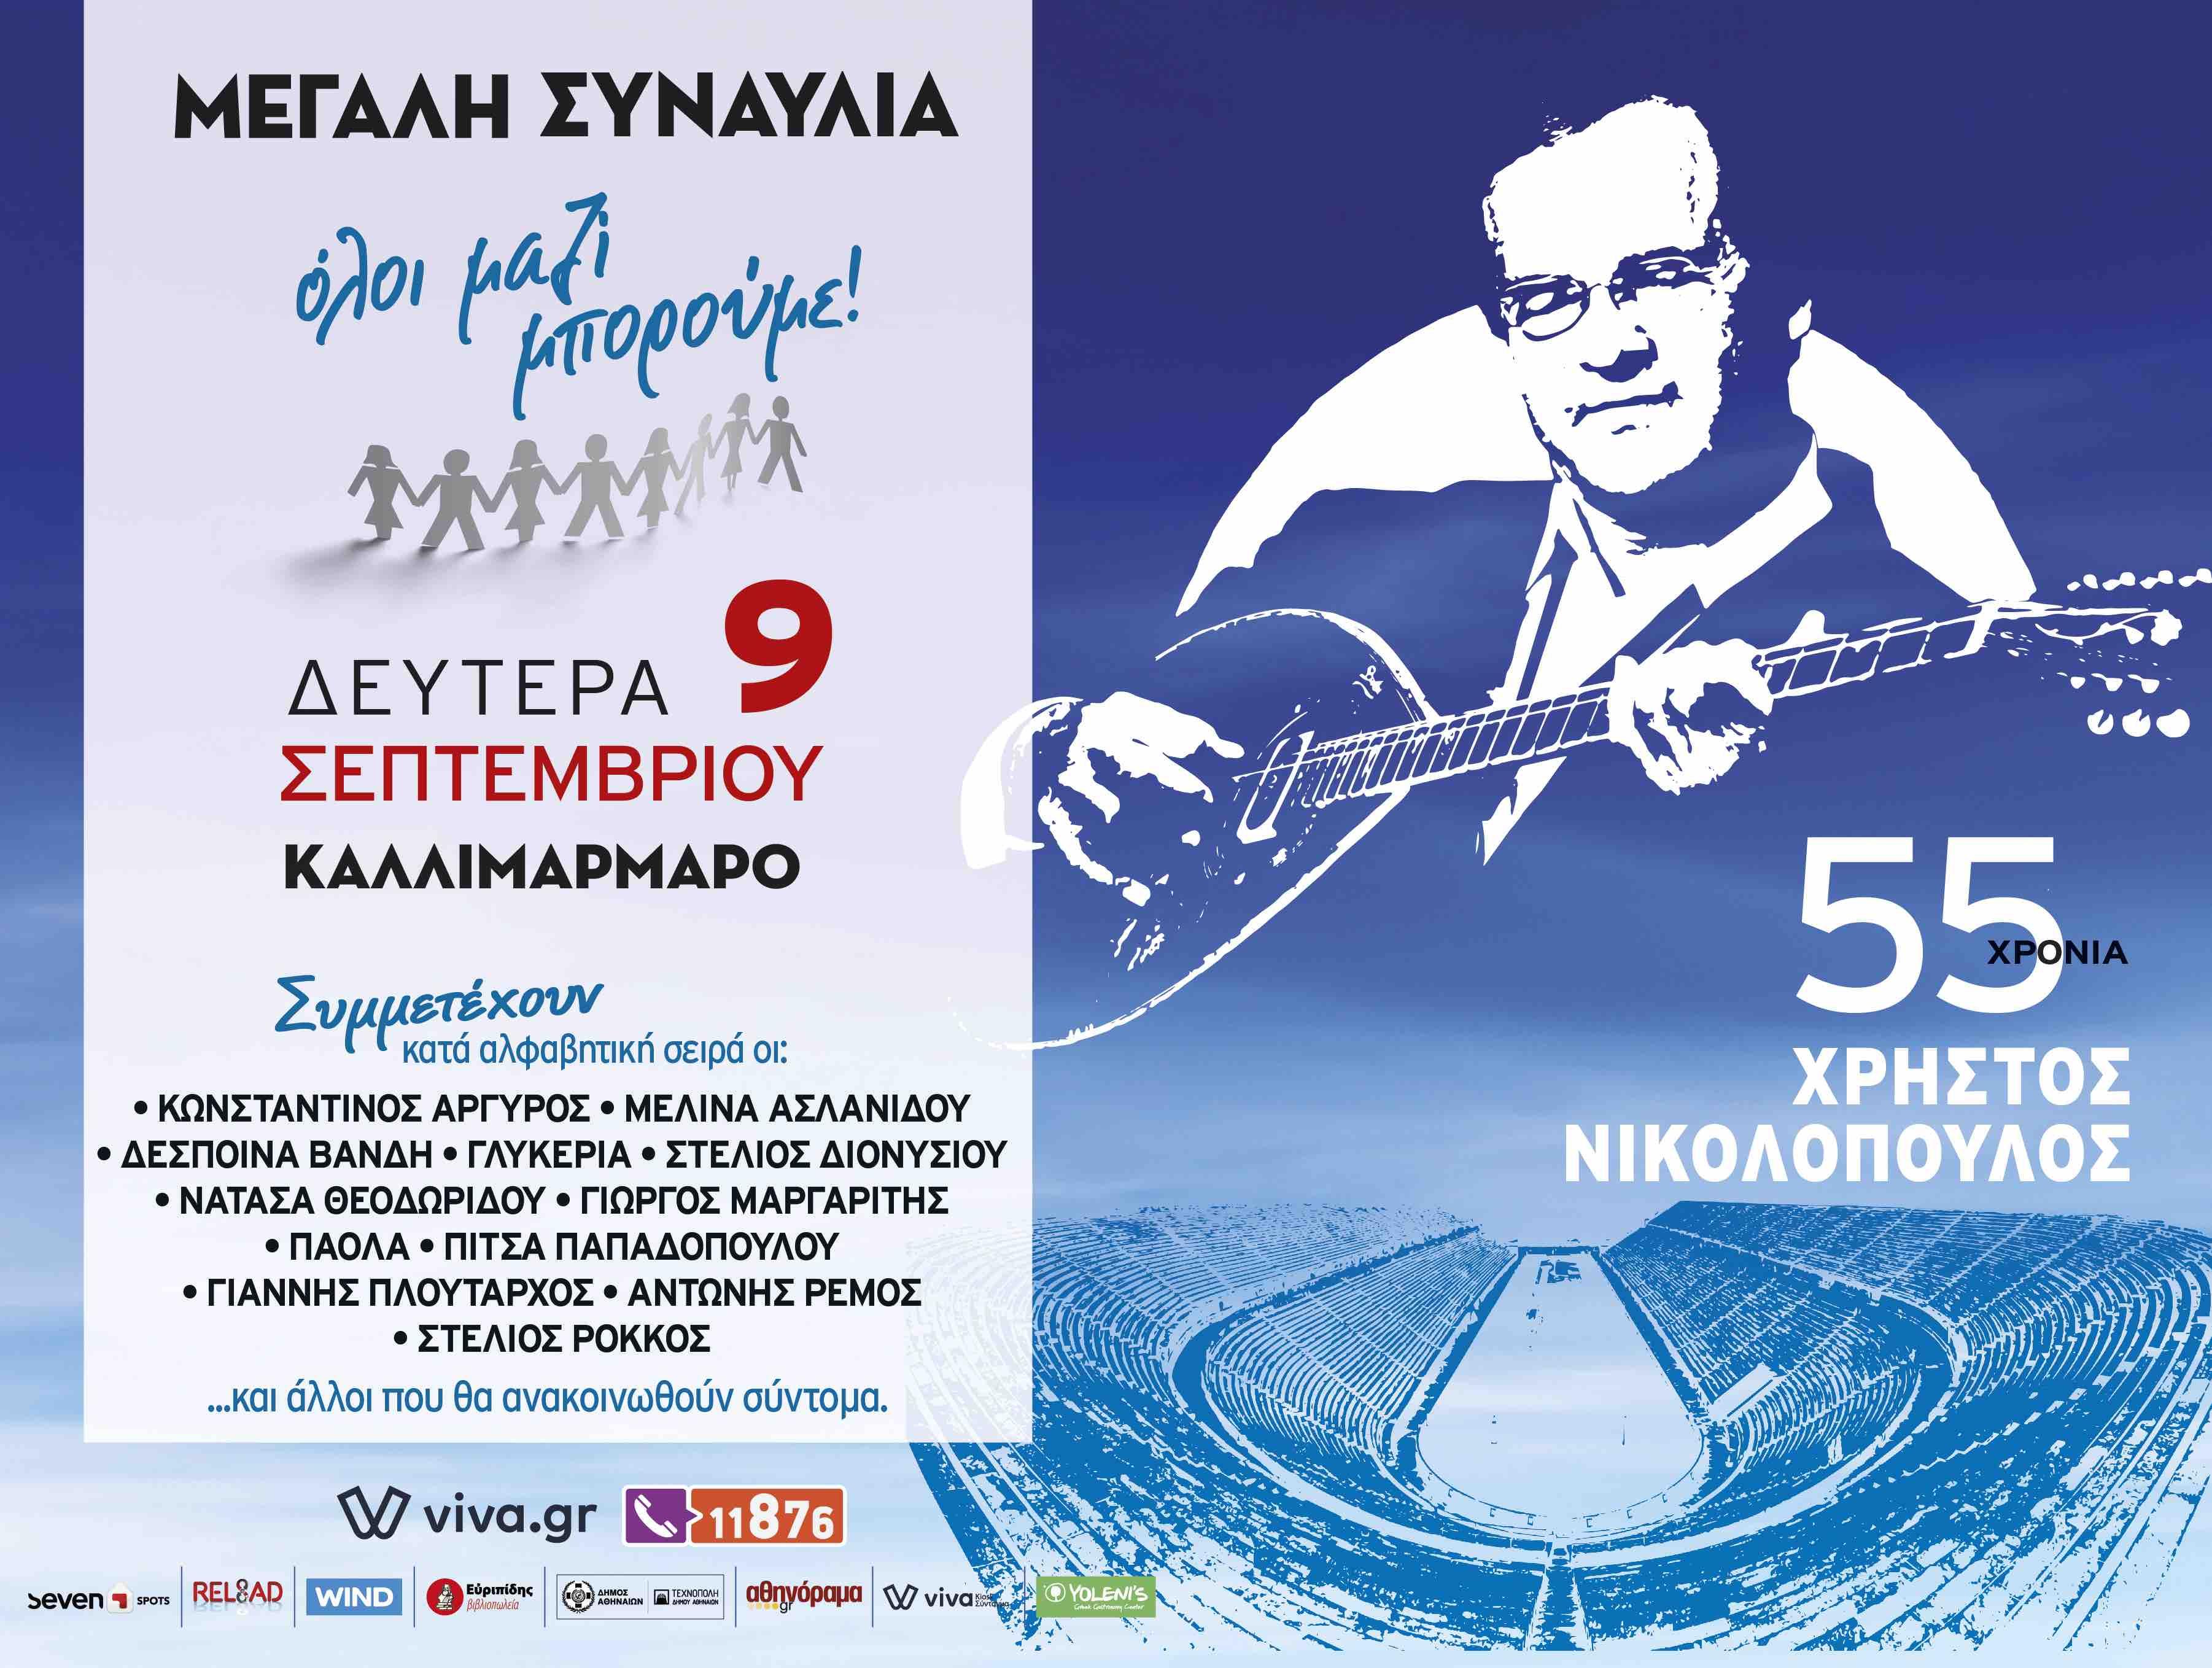 """""""'Ολοι μαζί μπορούμε: Μεγάλη συναυλία, """"55 χρόνια, Χρήστος Νικολόπουλος"""